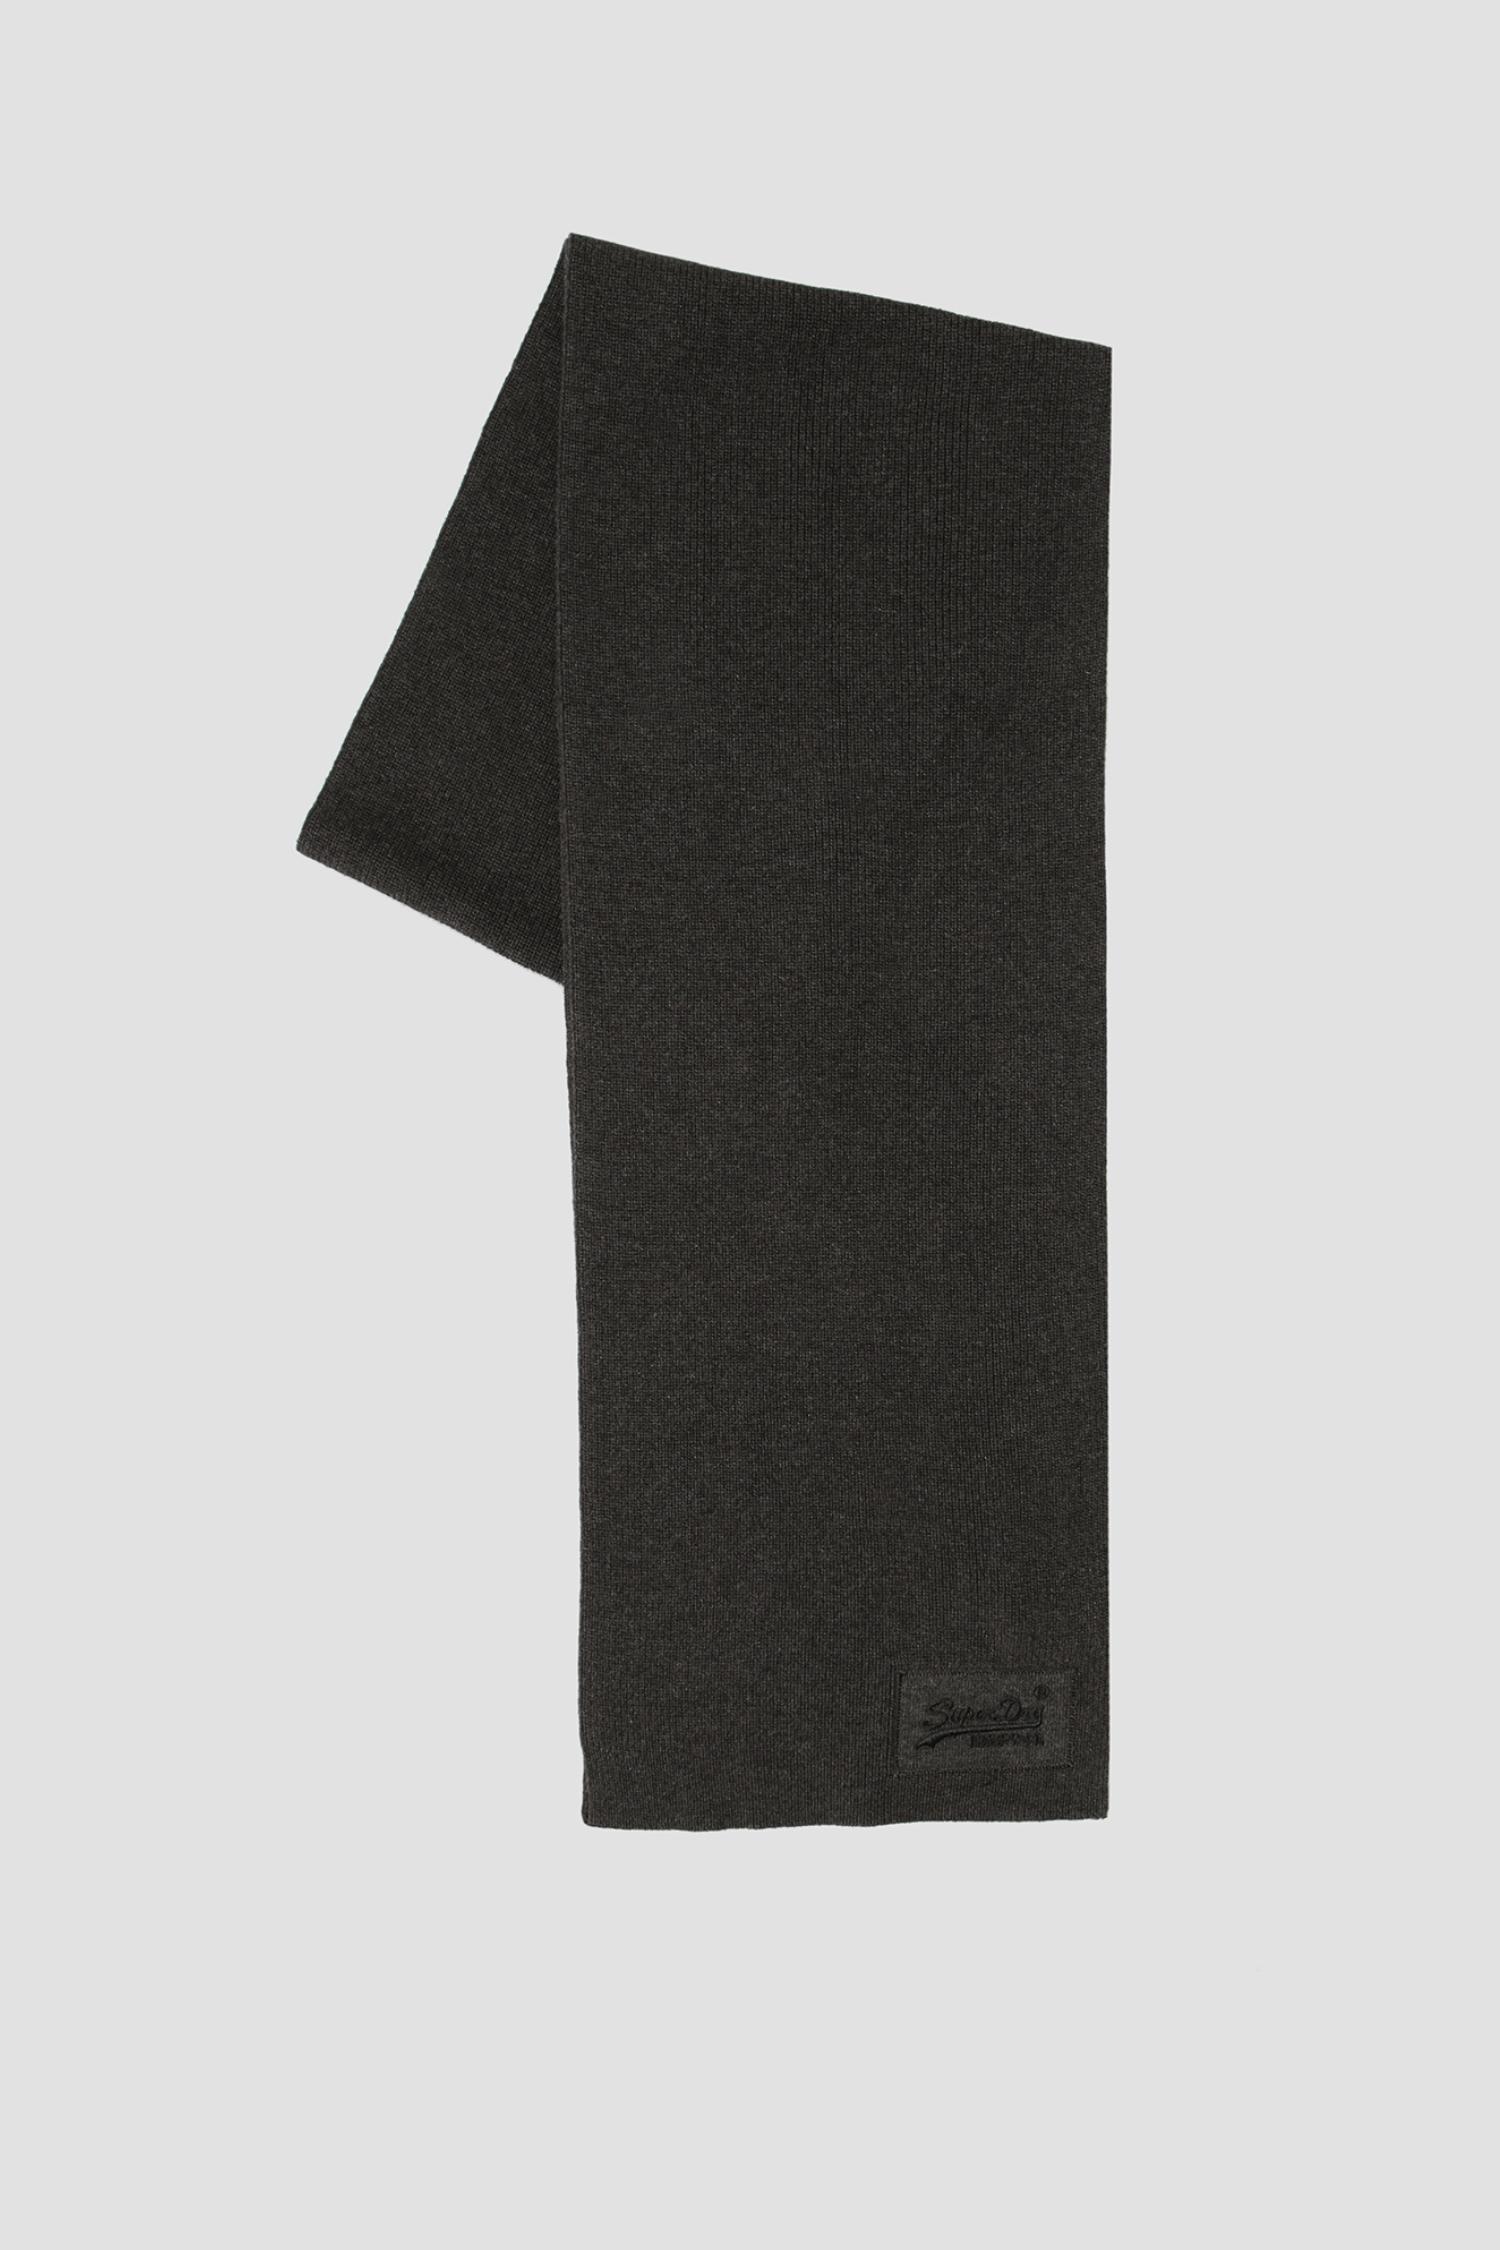 Темно-серый шарф для парней SuperDry M9310010A;DW2